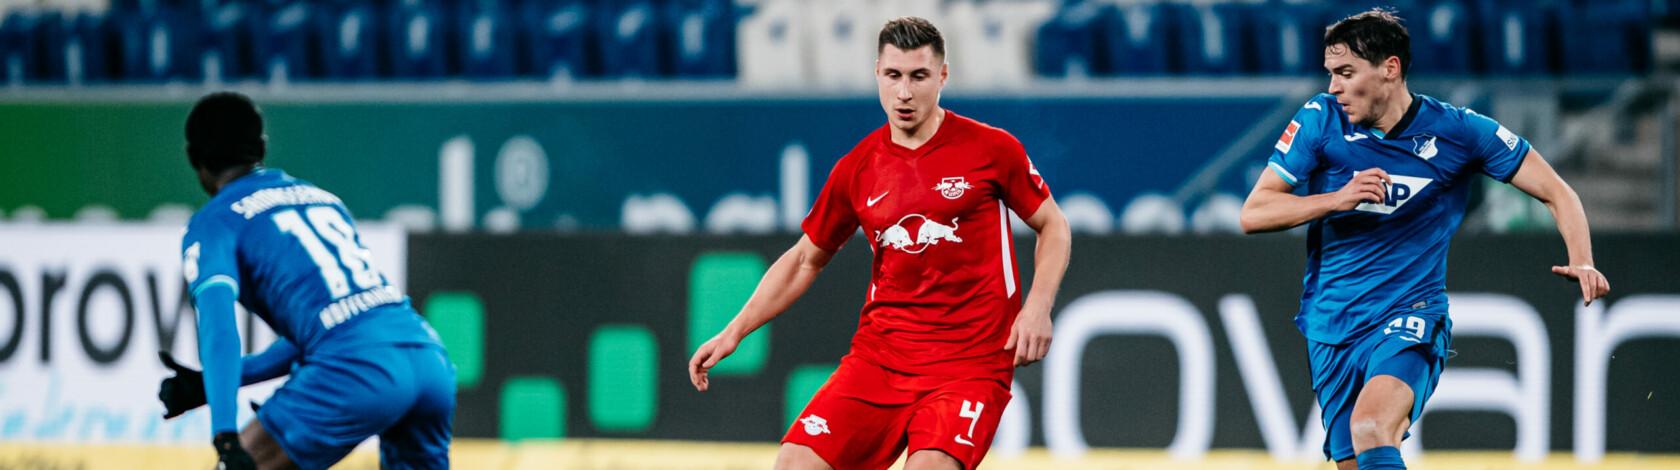 TSG Hoffenheim v RB Leipzig – Bundesliga for DFL